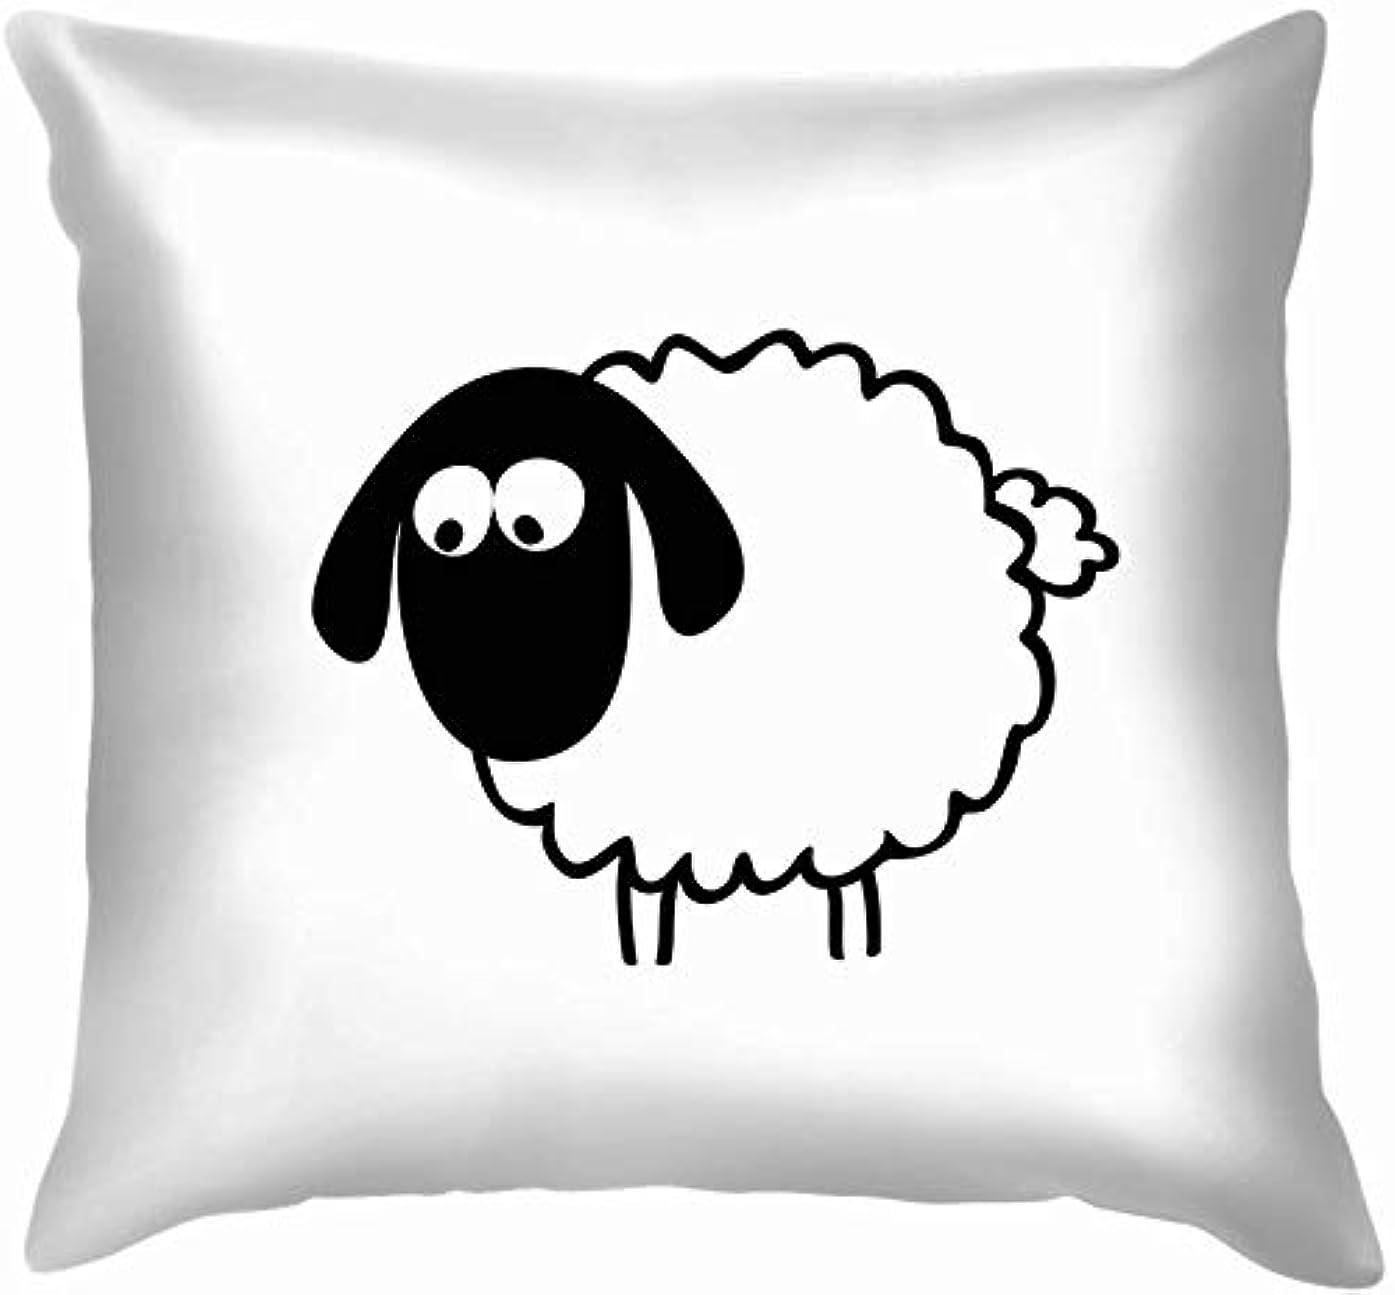 礼儀ビーズ身元羊動物野生動物自然投球枕カバーホームソファクッションカバー枕カバー45 x 45 cm